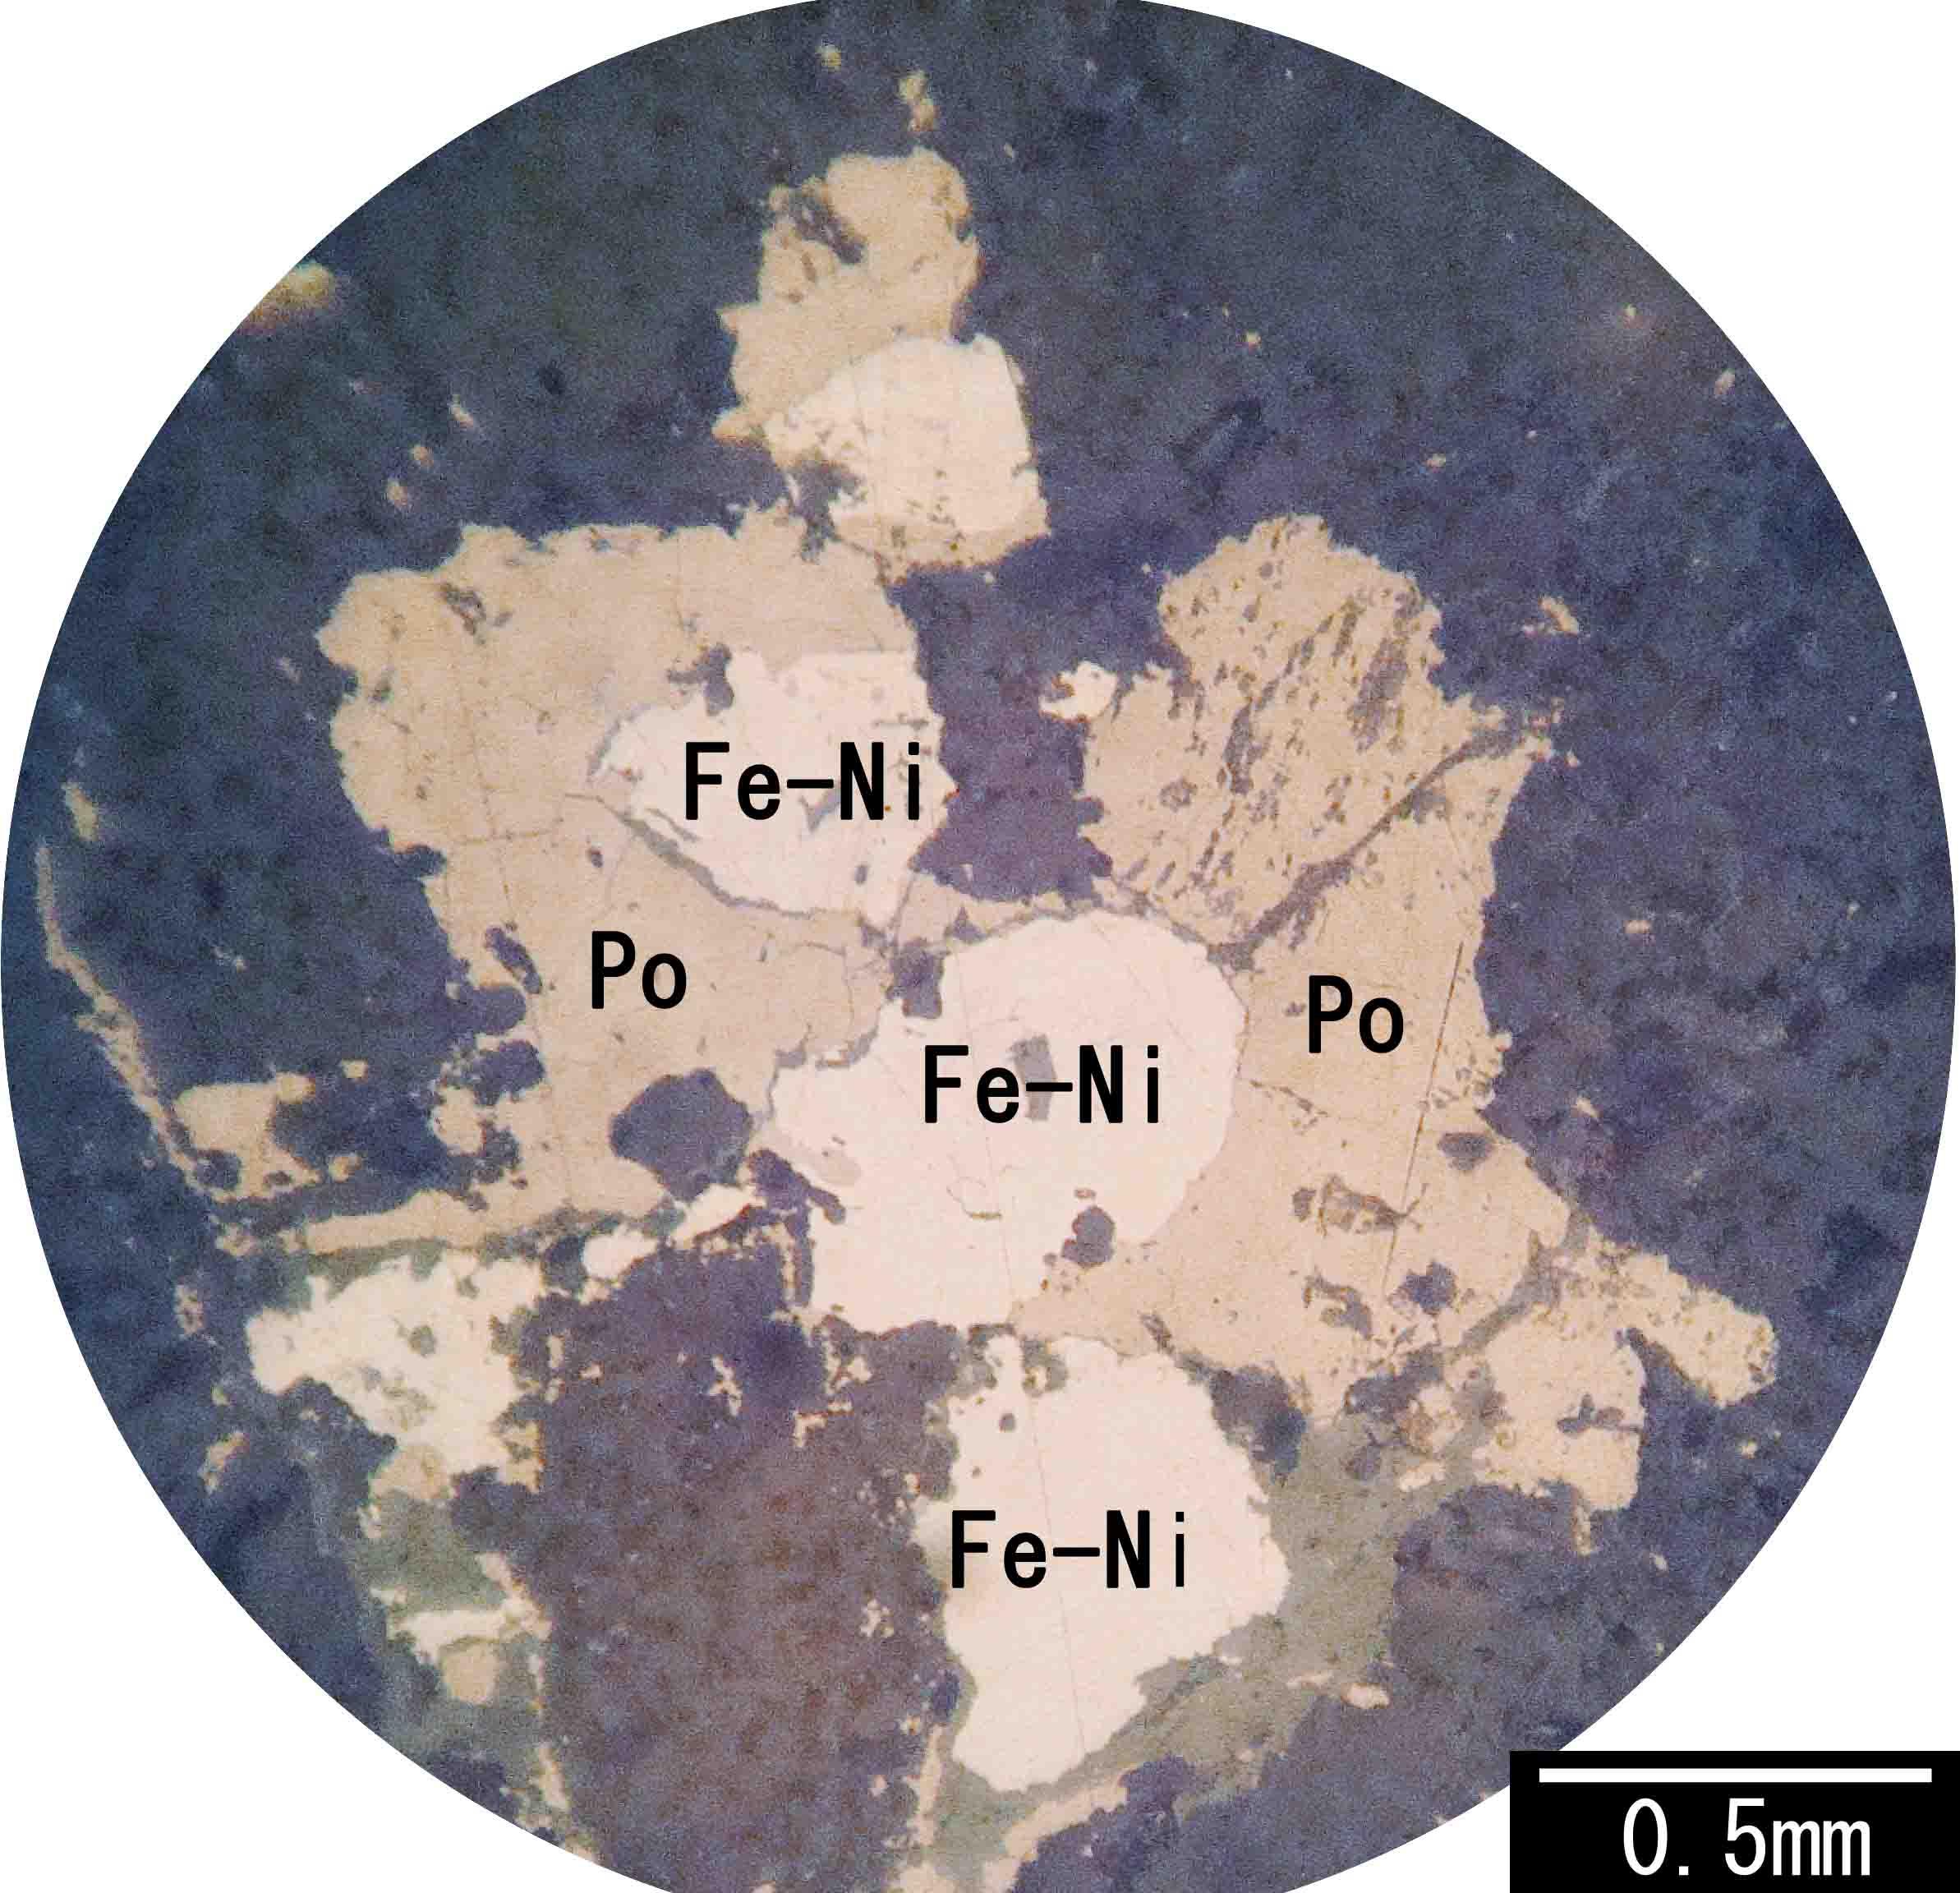 磁硫鉄鉱 pyrrhotite